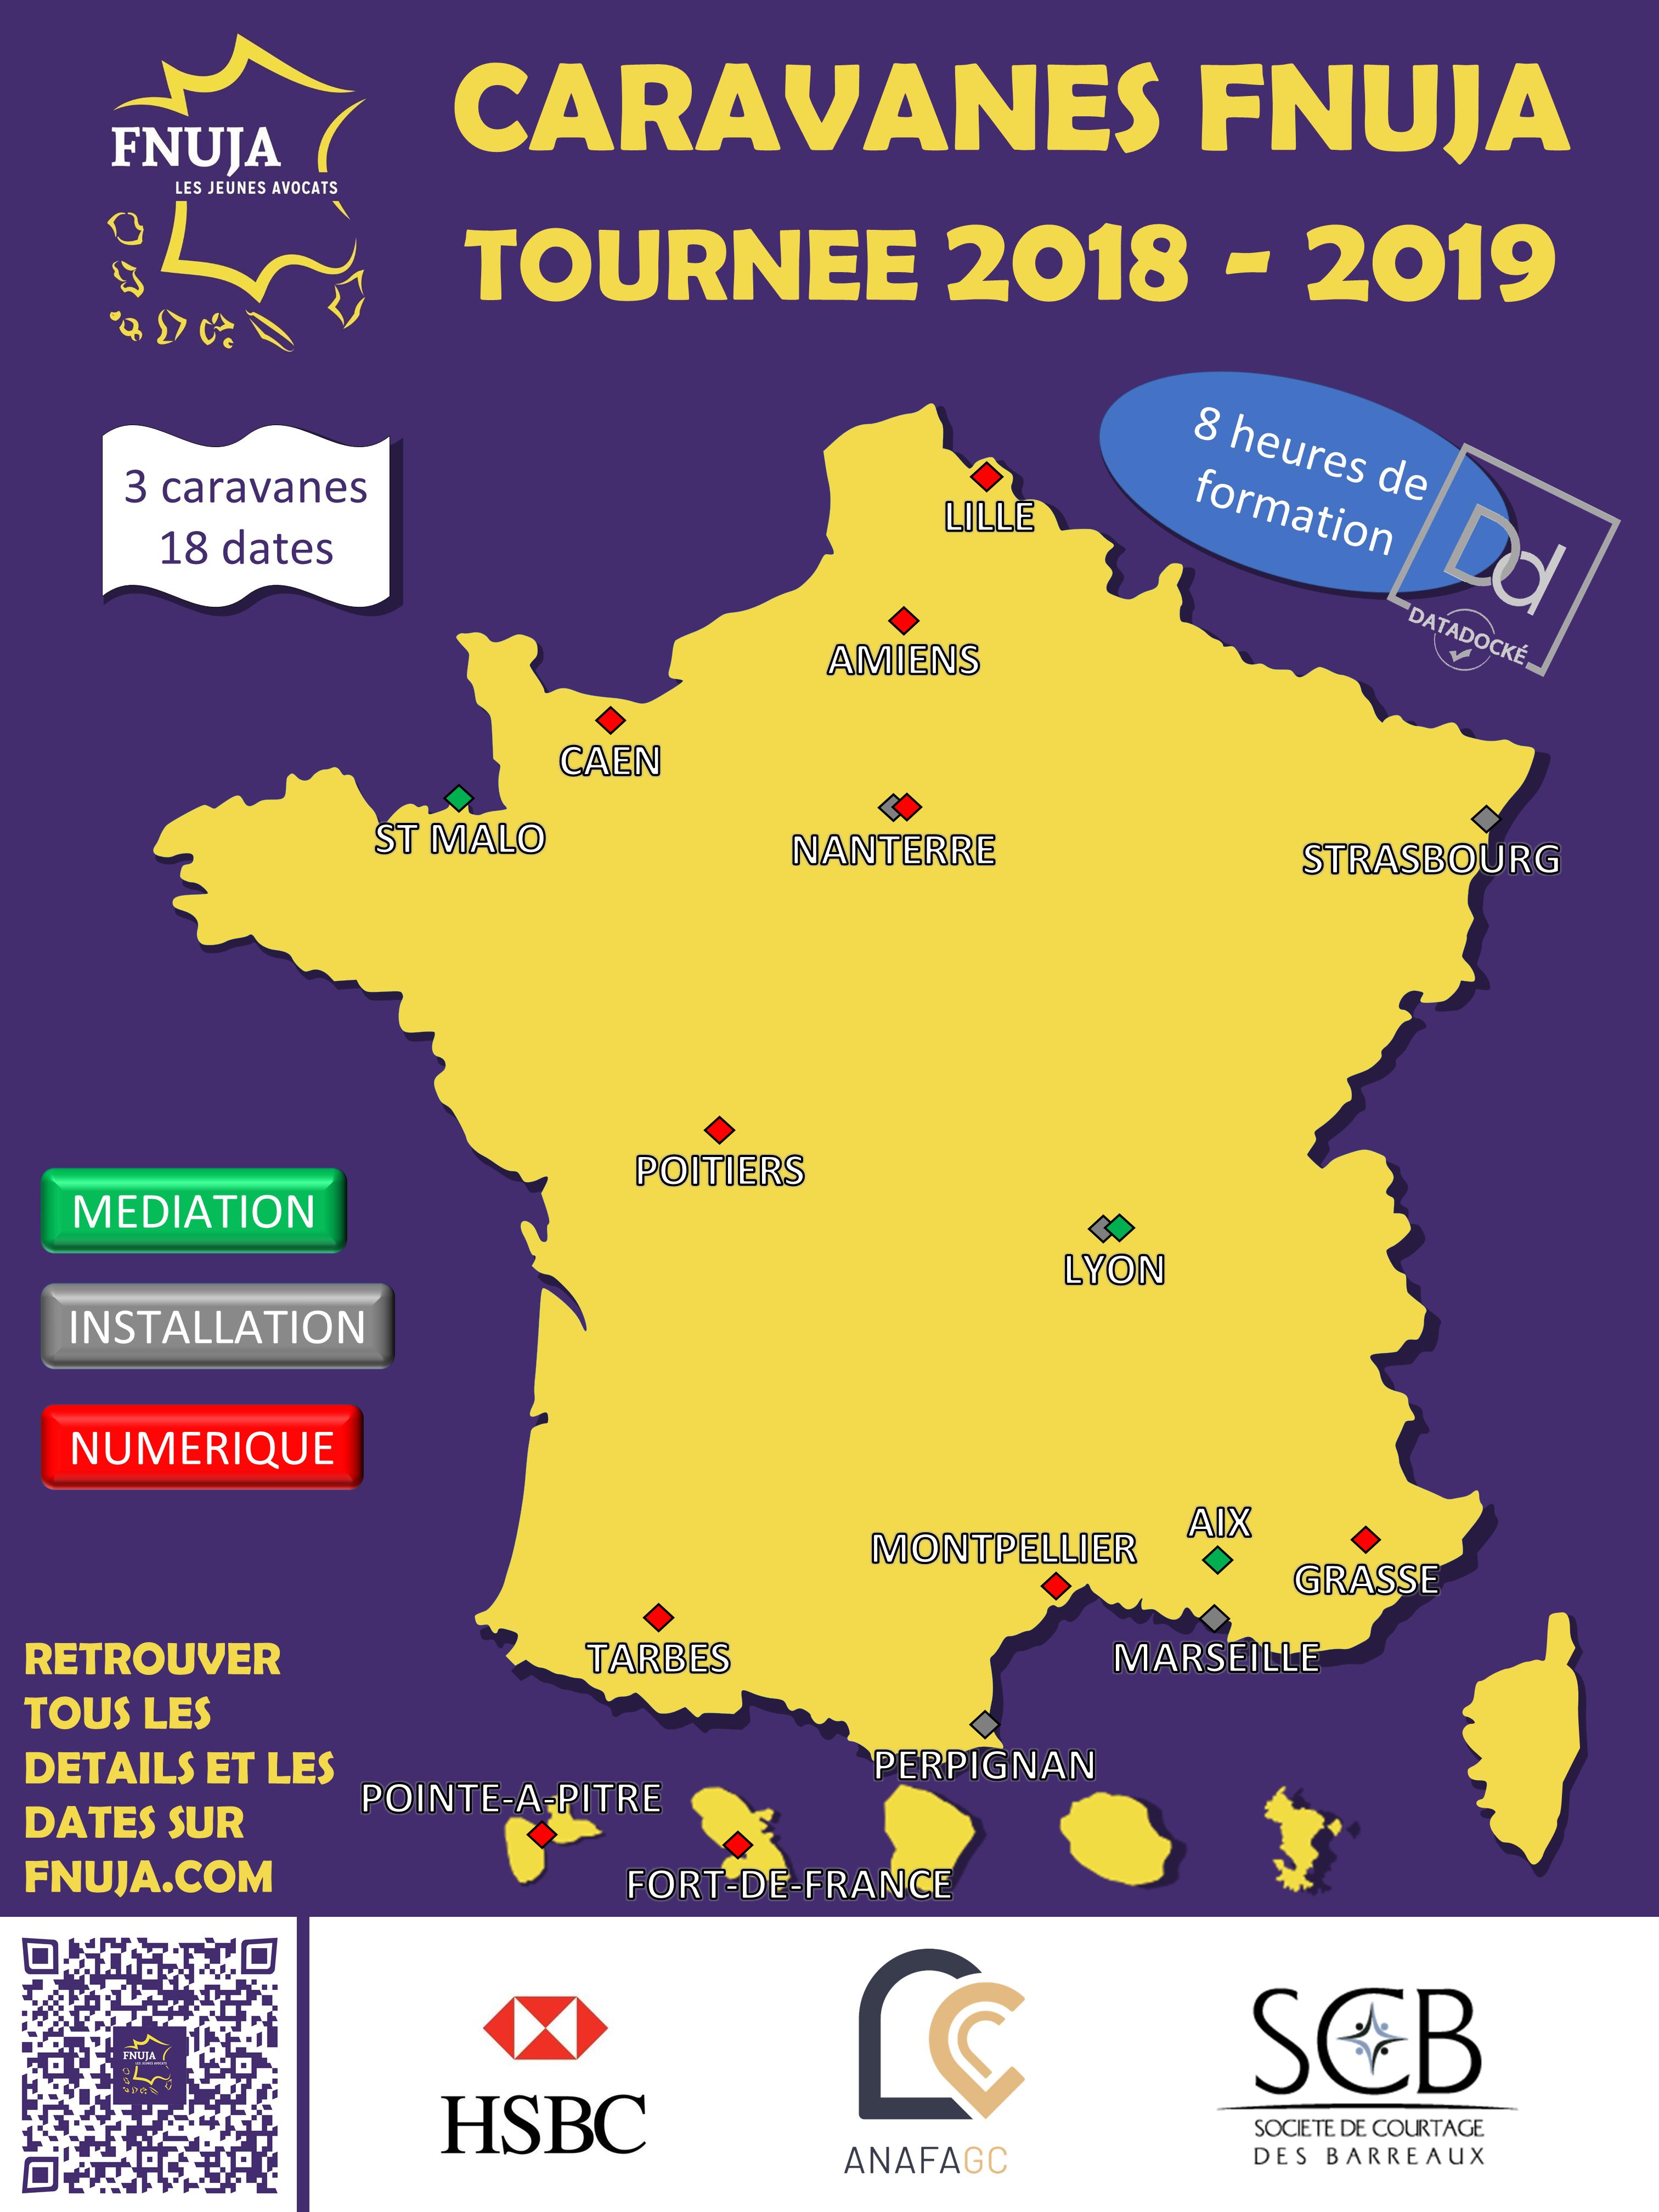 Les caravanes de la FNUJA - Tournée 2018-2019